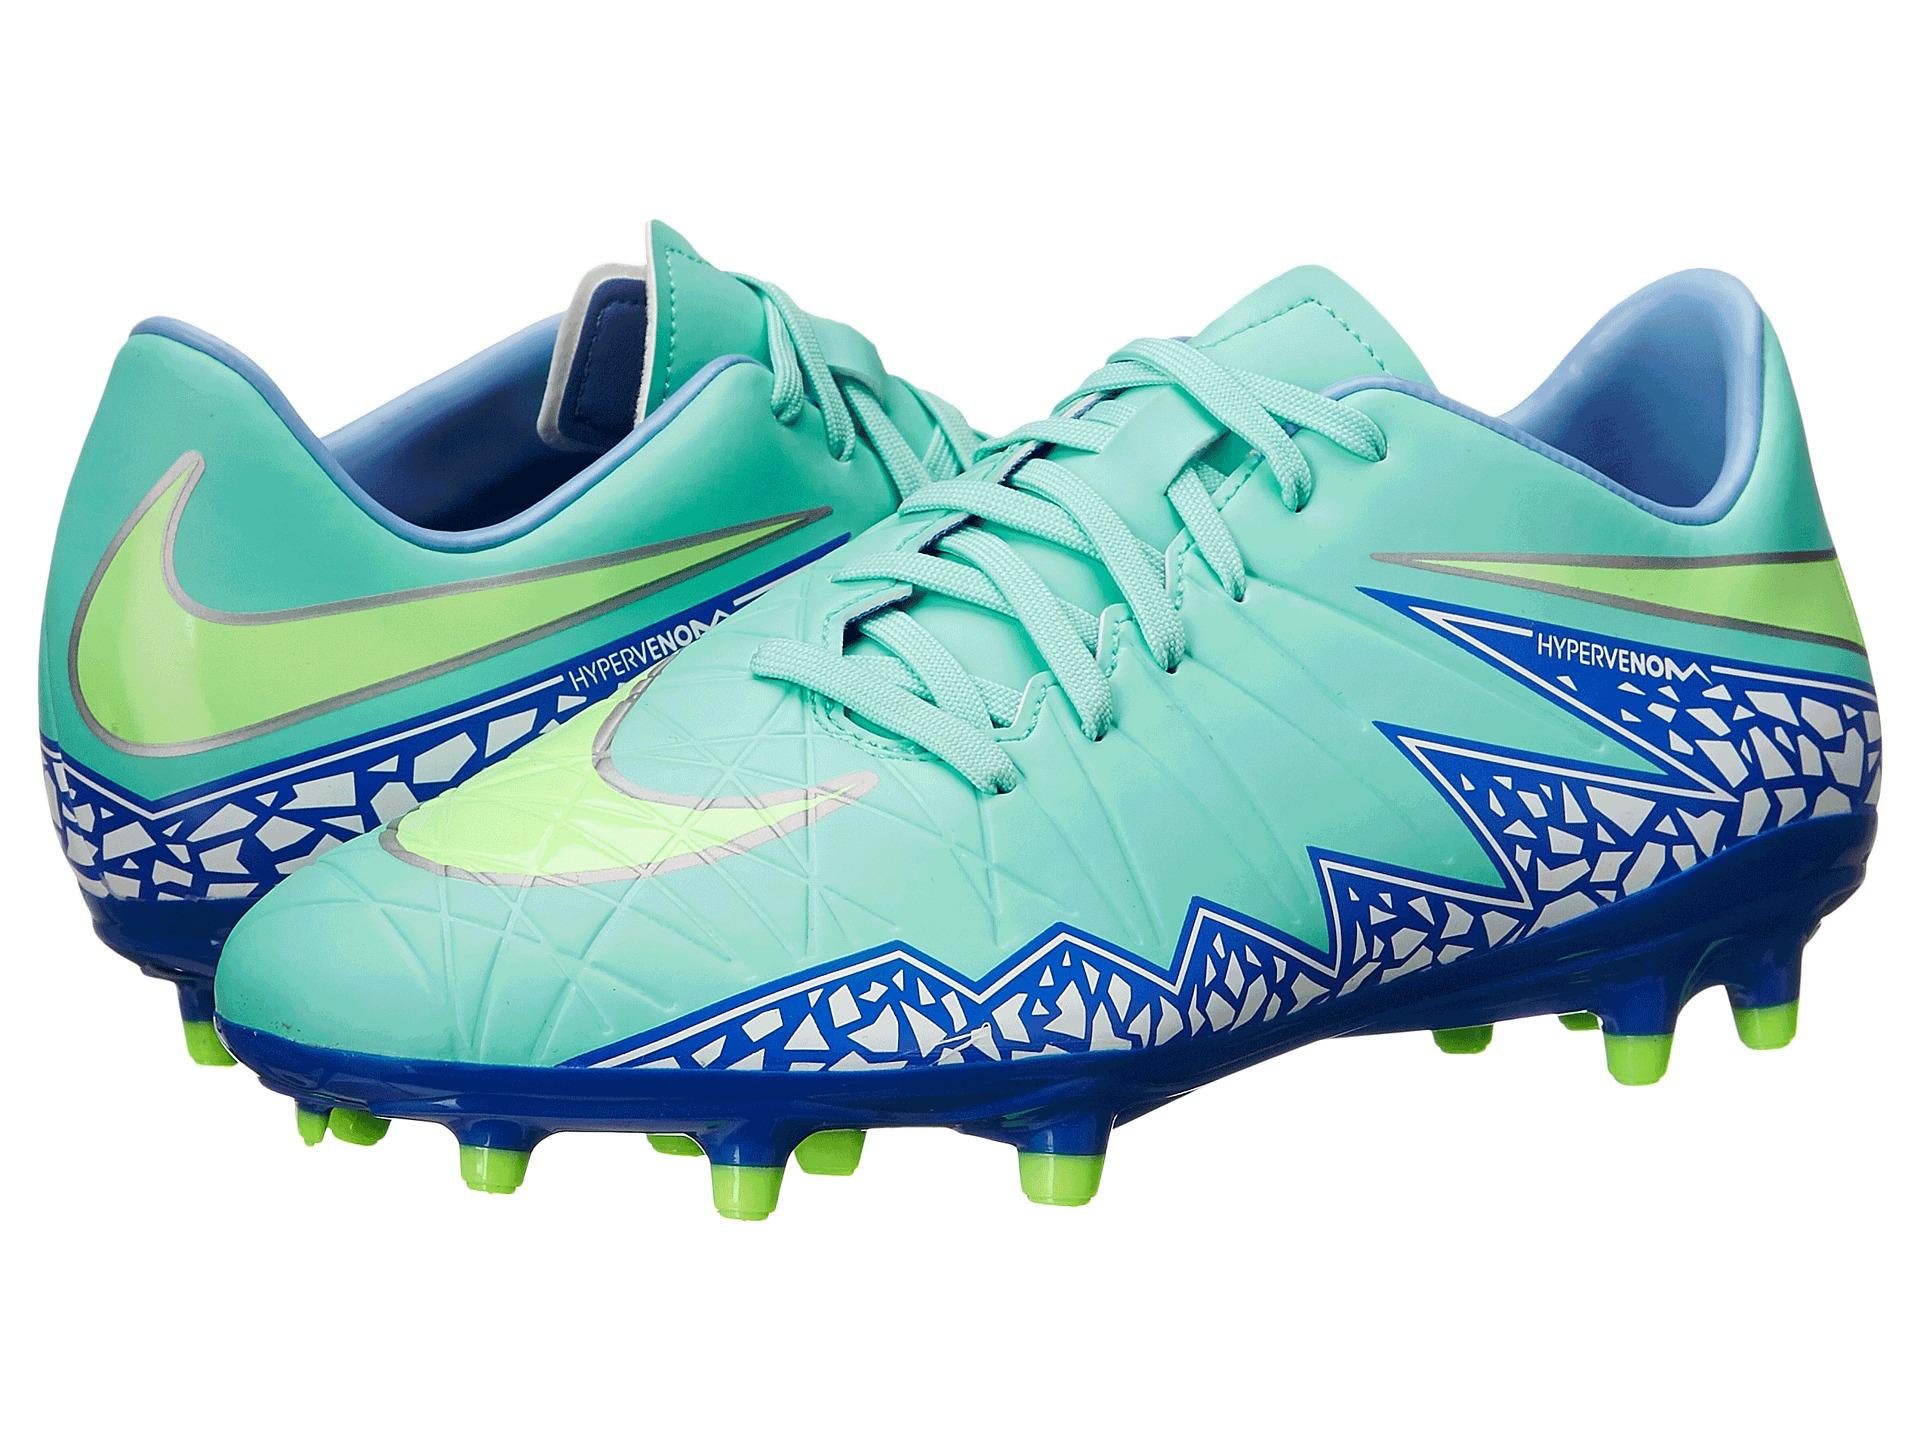 Lyst - Nike Hypervenom Phelon 2 Fg in Blue